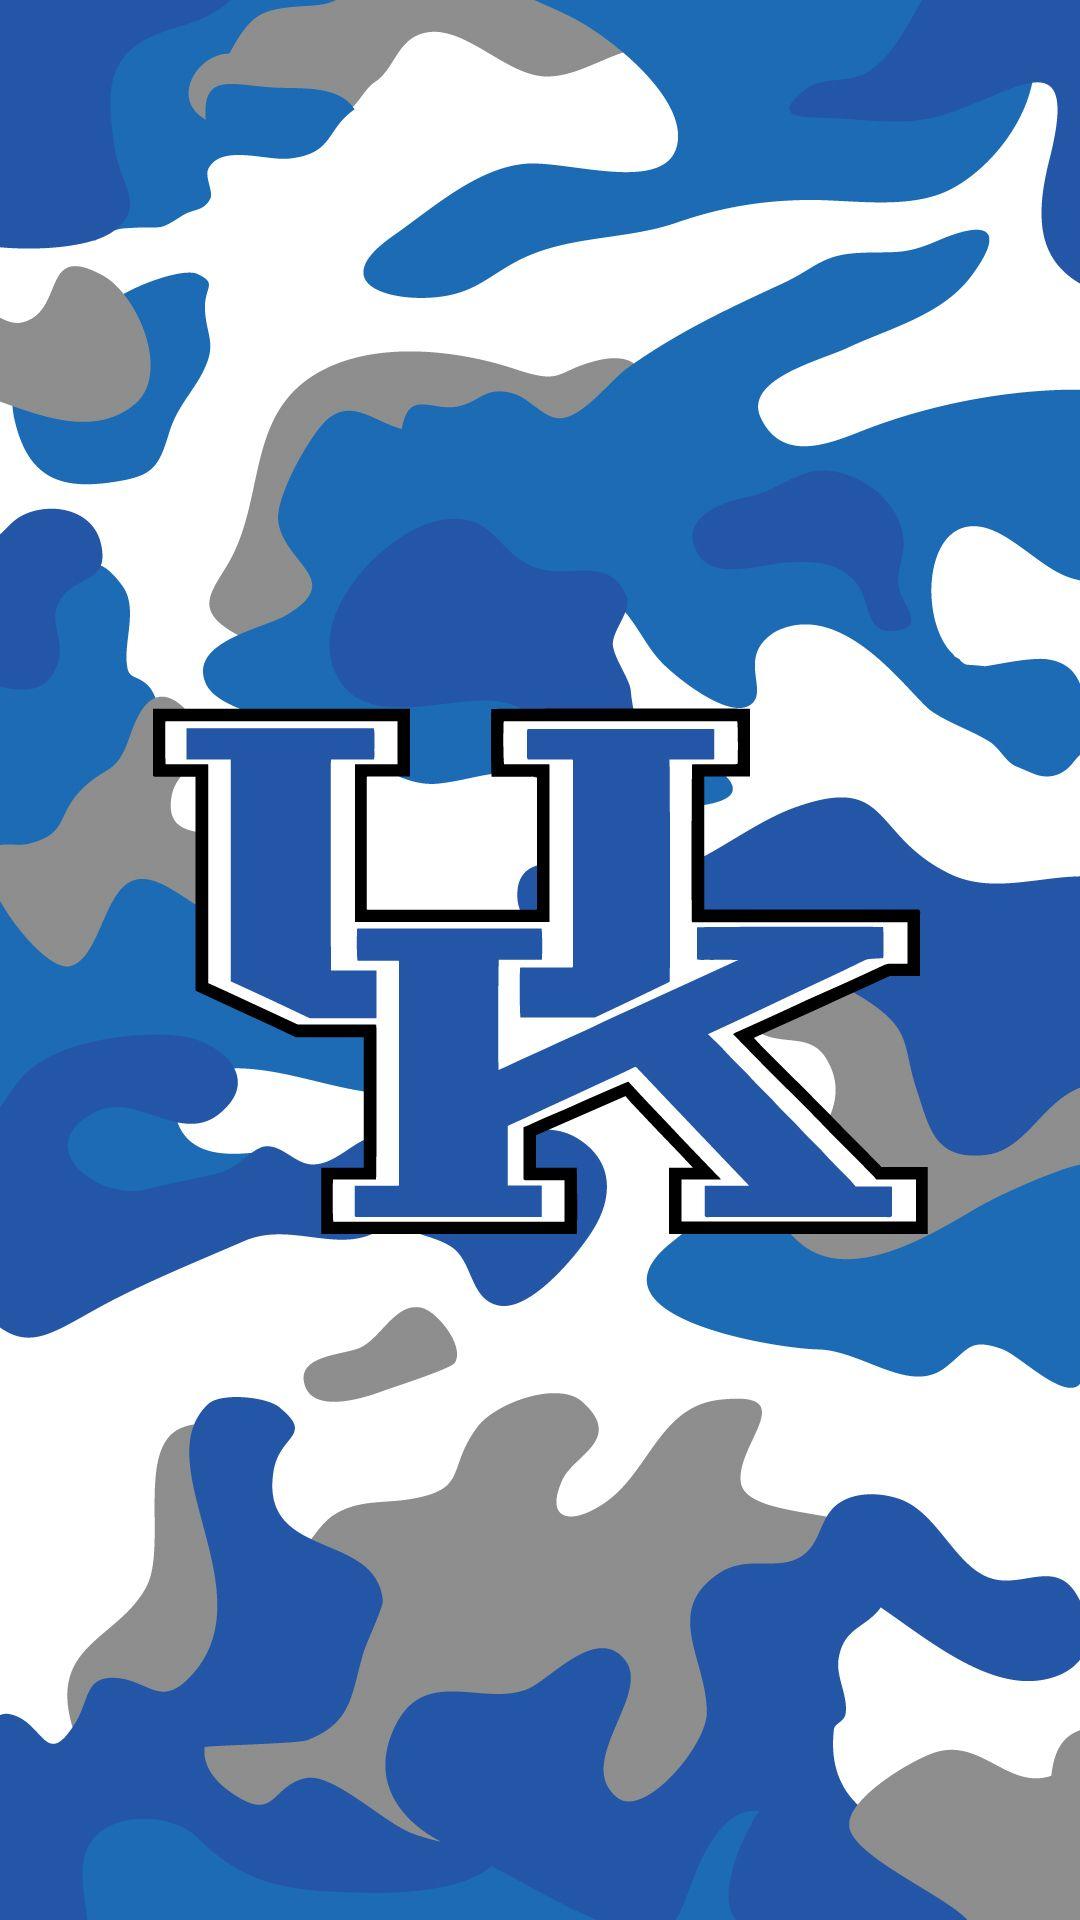 Kentucky Wildcats Wallpapers Download Kentucky wildcats 1080x1920